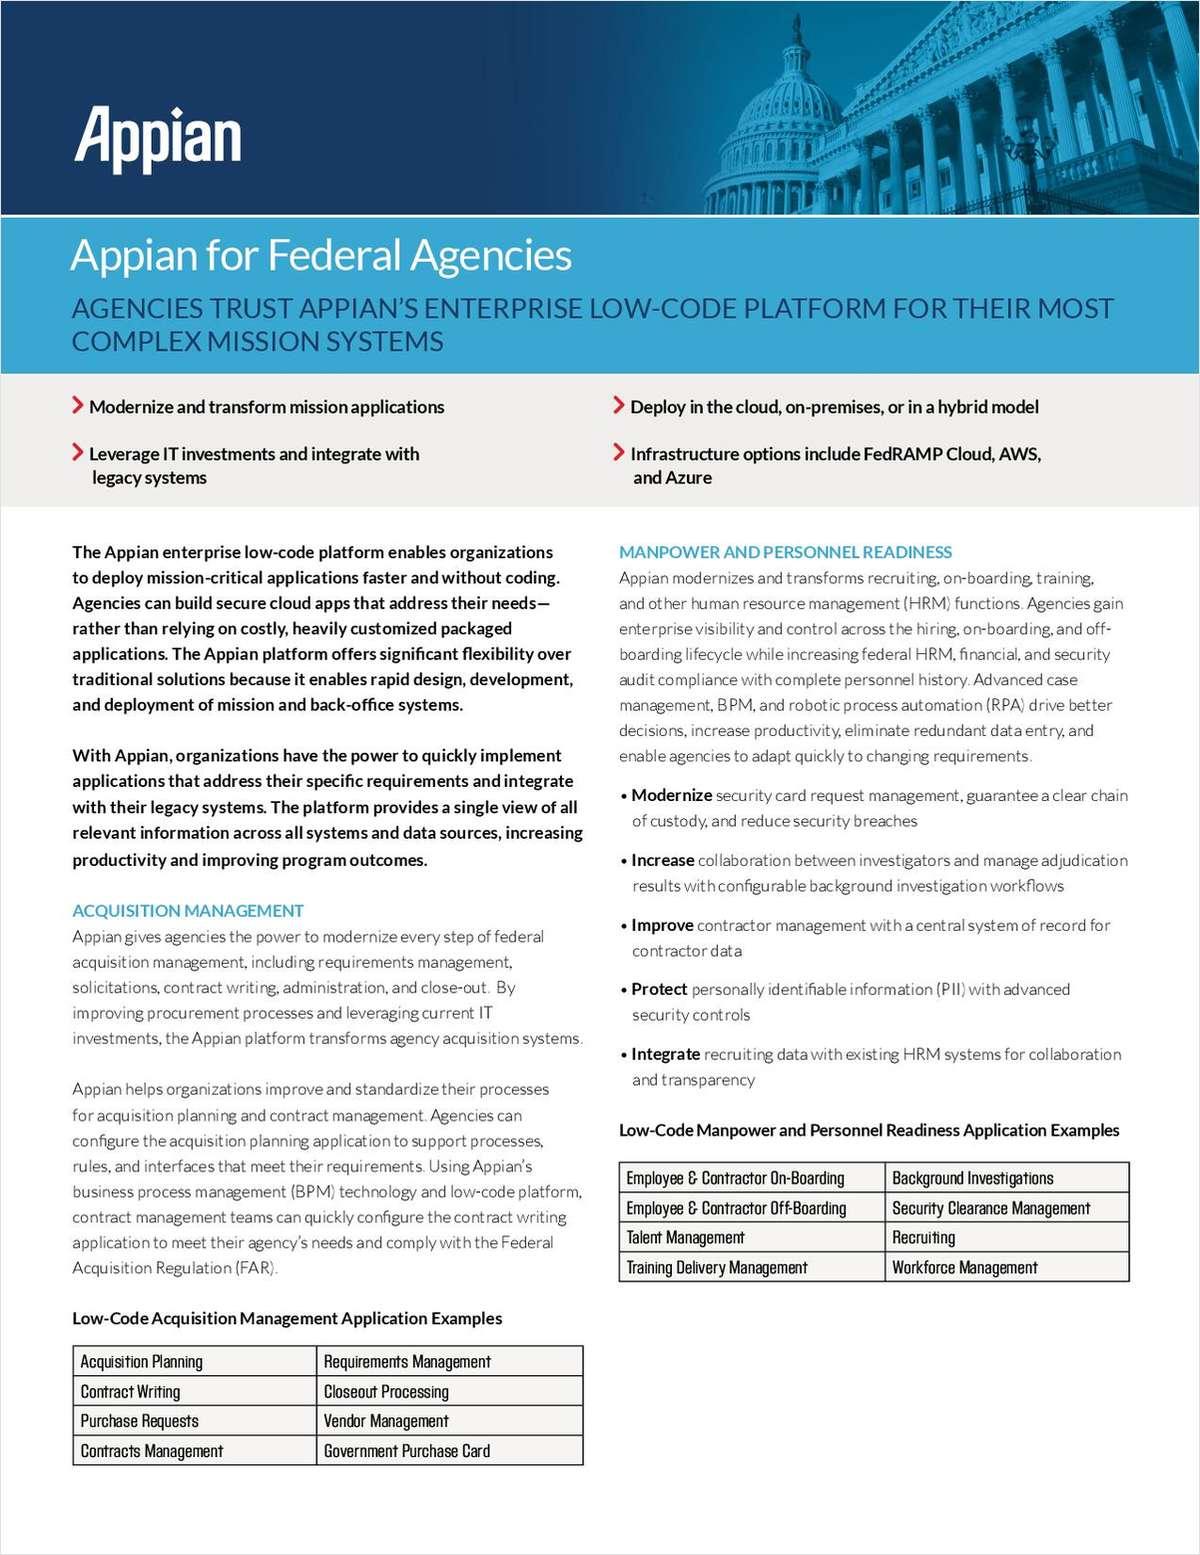 Appian for Federal Agencies